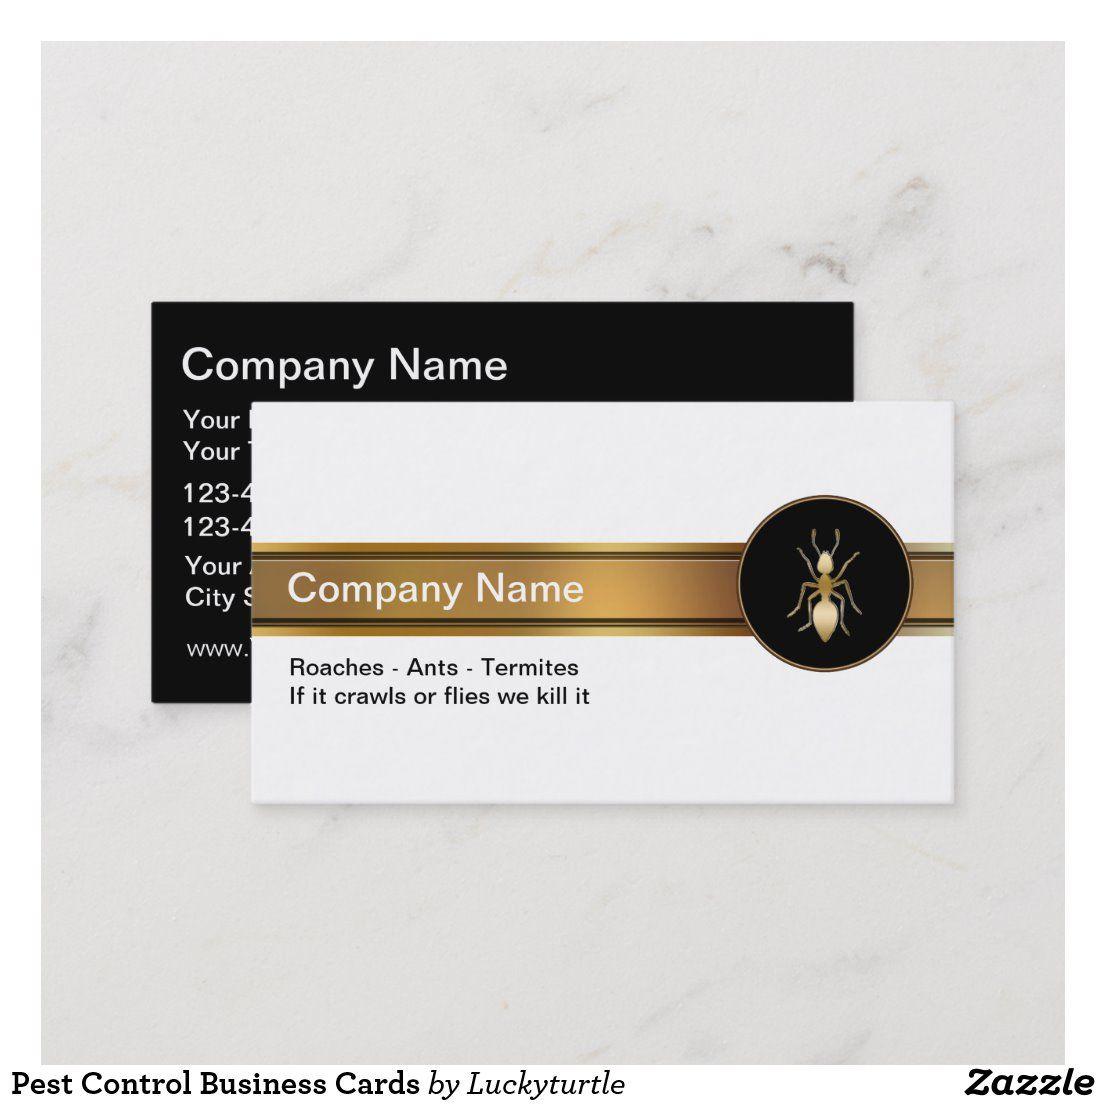 Pest Control Business Cards Zazzle Com Pest Control Personal Business Cards Business Cards